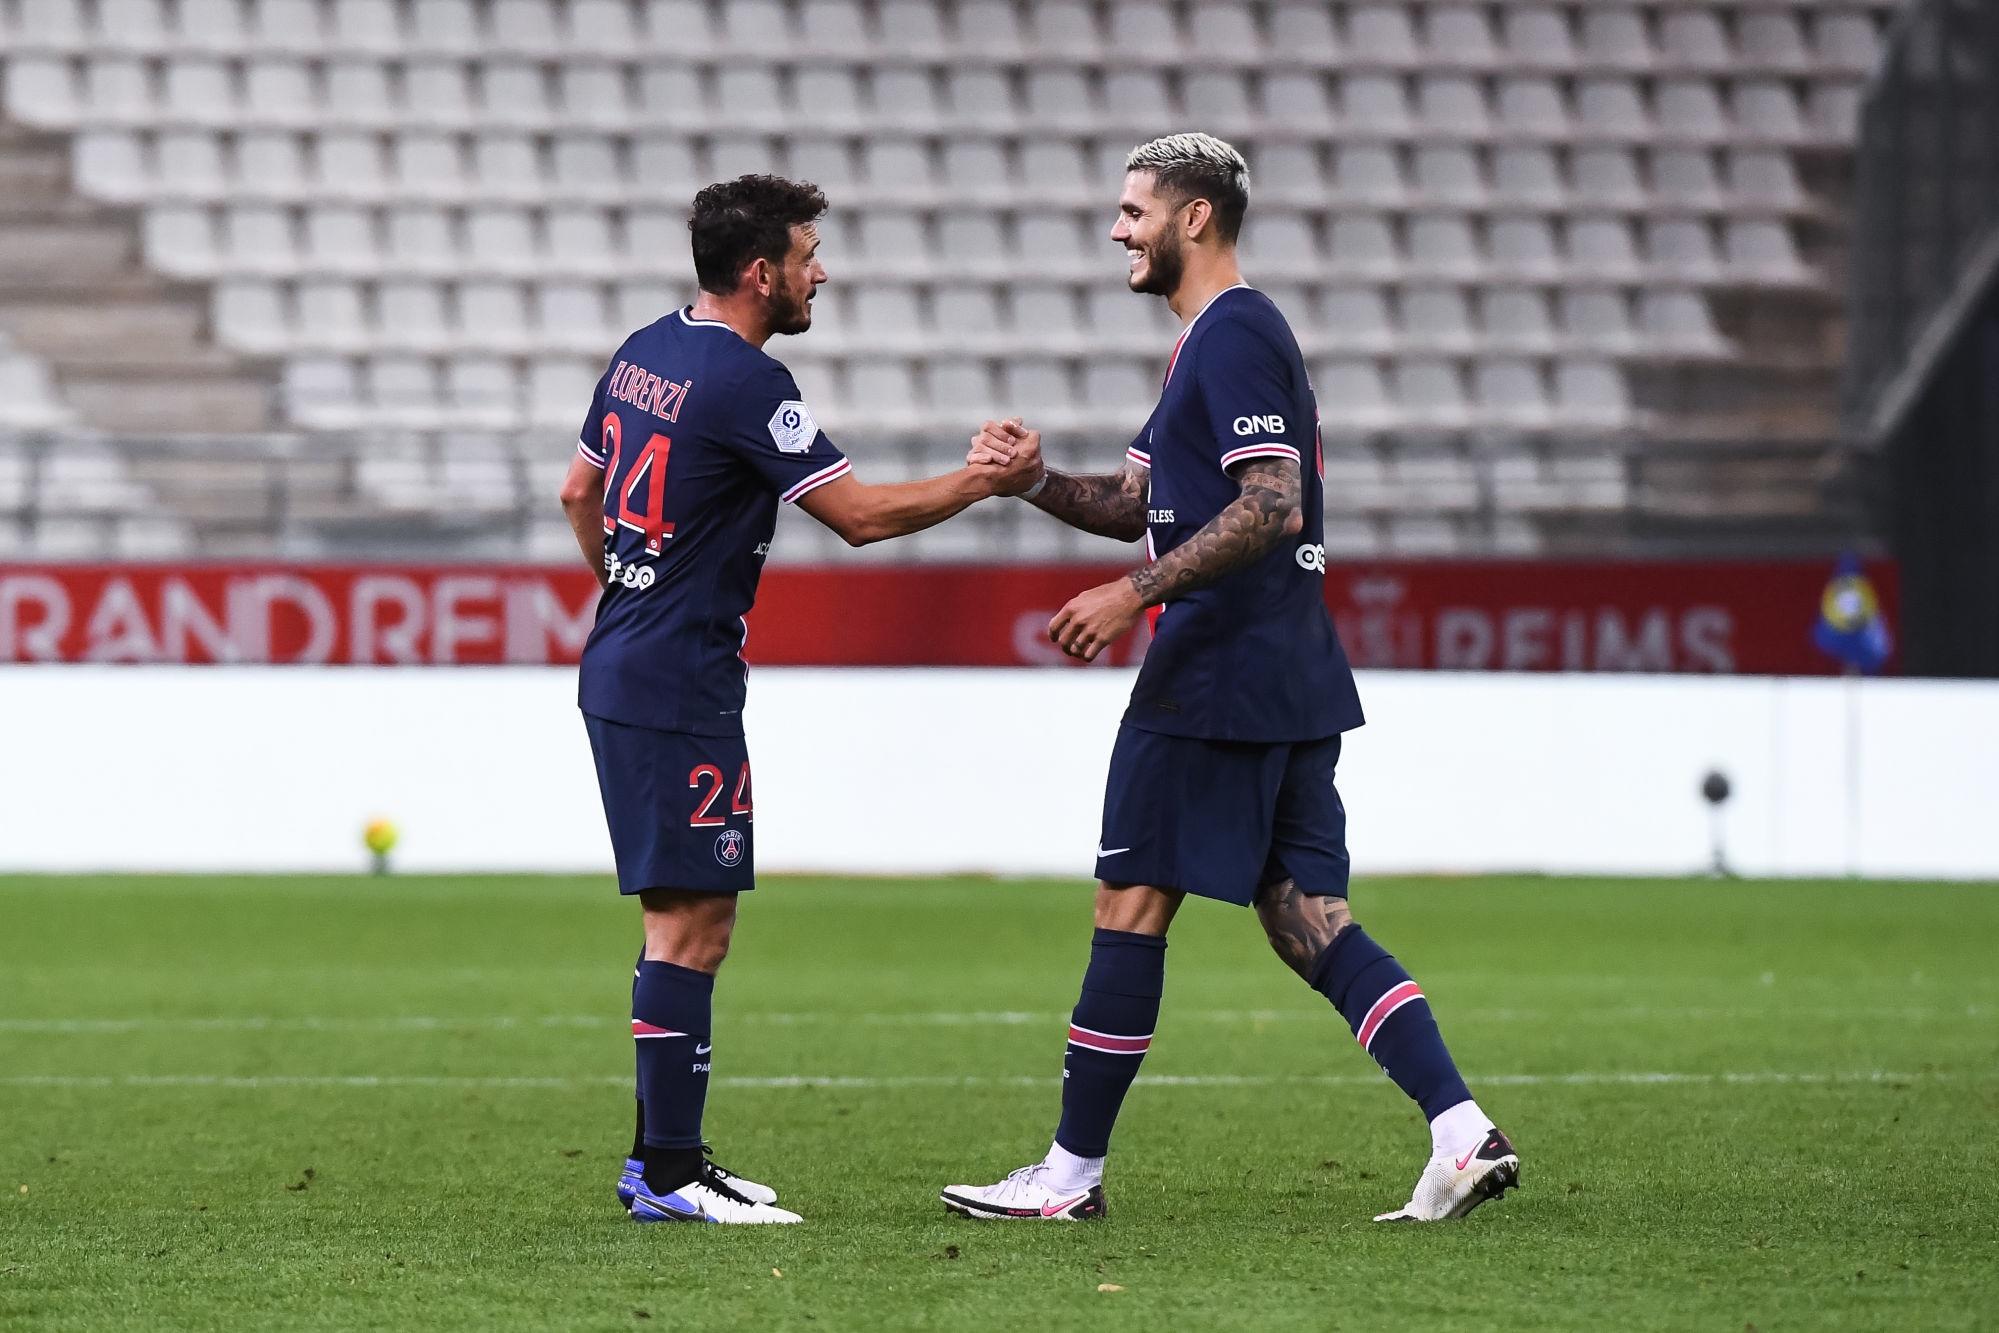 Dijon/PSG - Icardi et Florenzi absents de l'entraînement ce vendredi, Di Maria présent